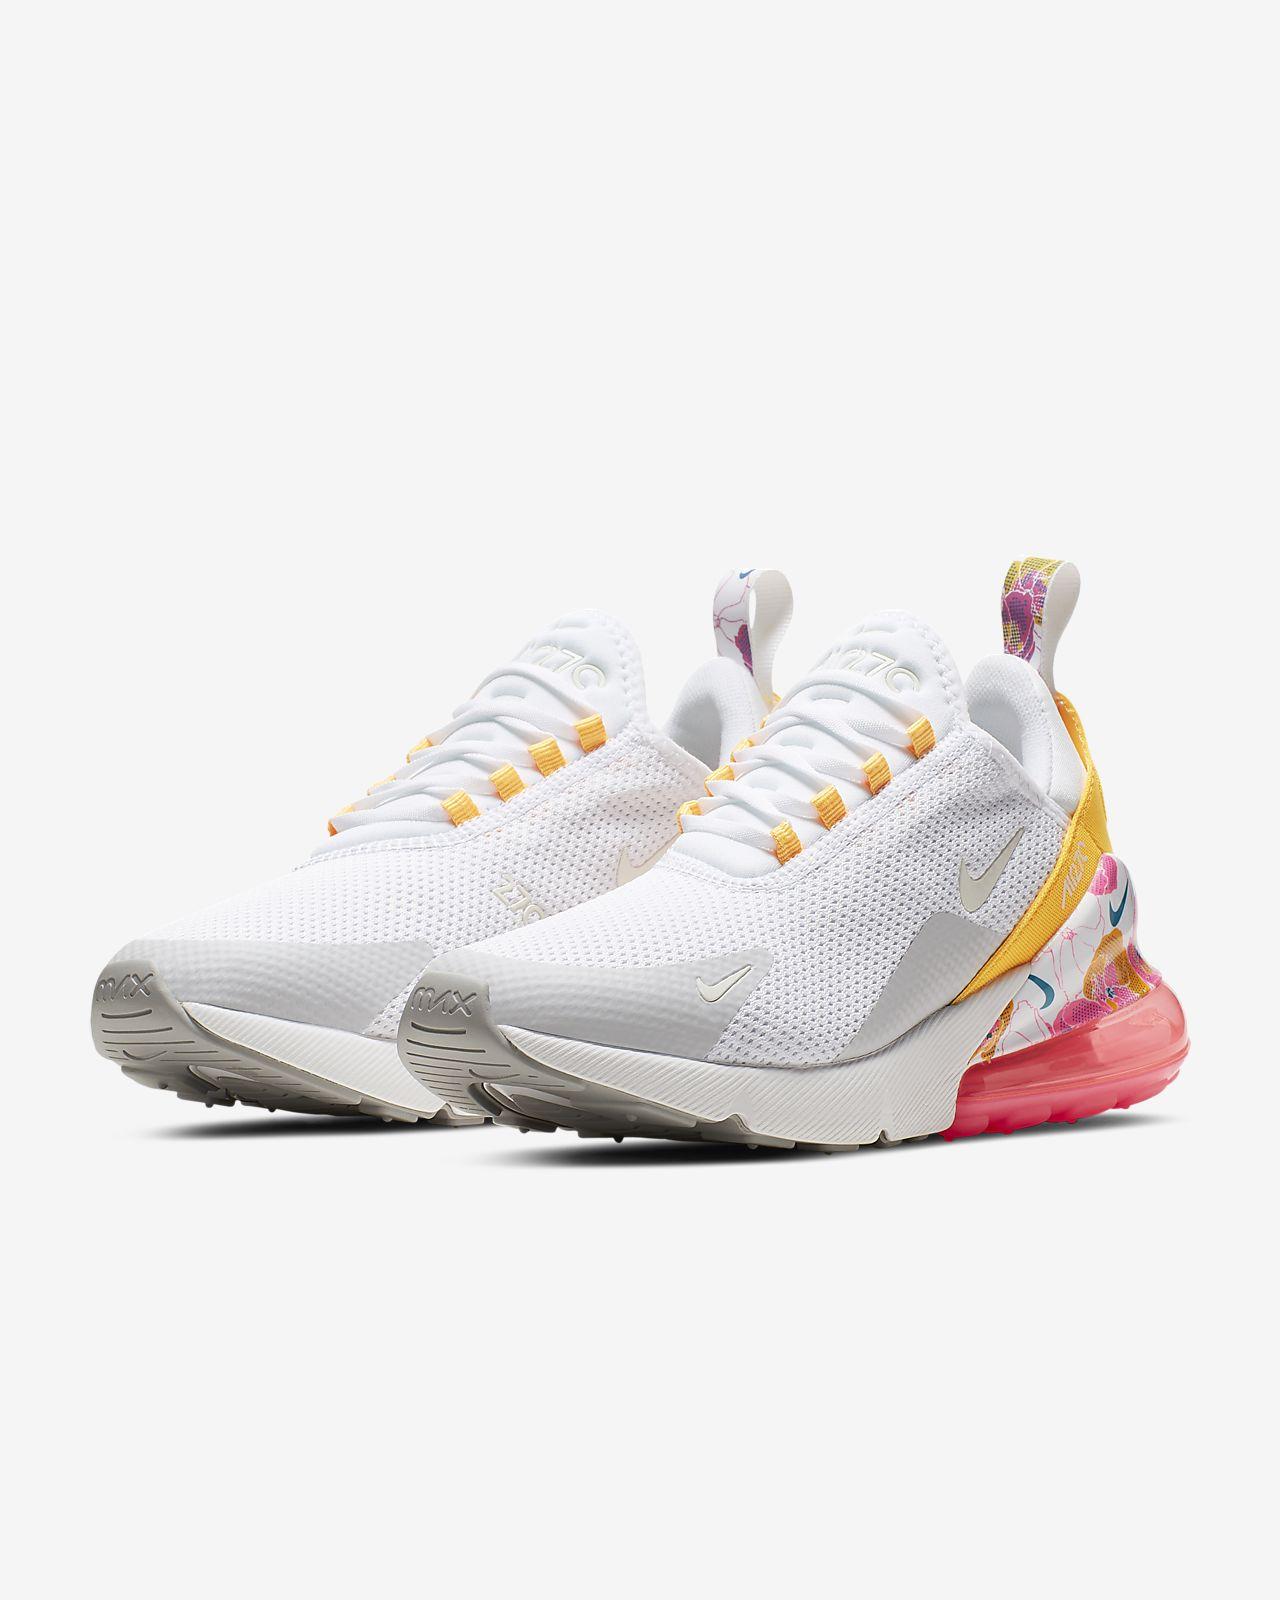 online store f8cfc 97af1 ... Nike Air Max 270 SE Floral Damenschuh